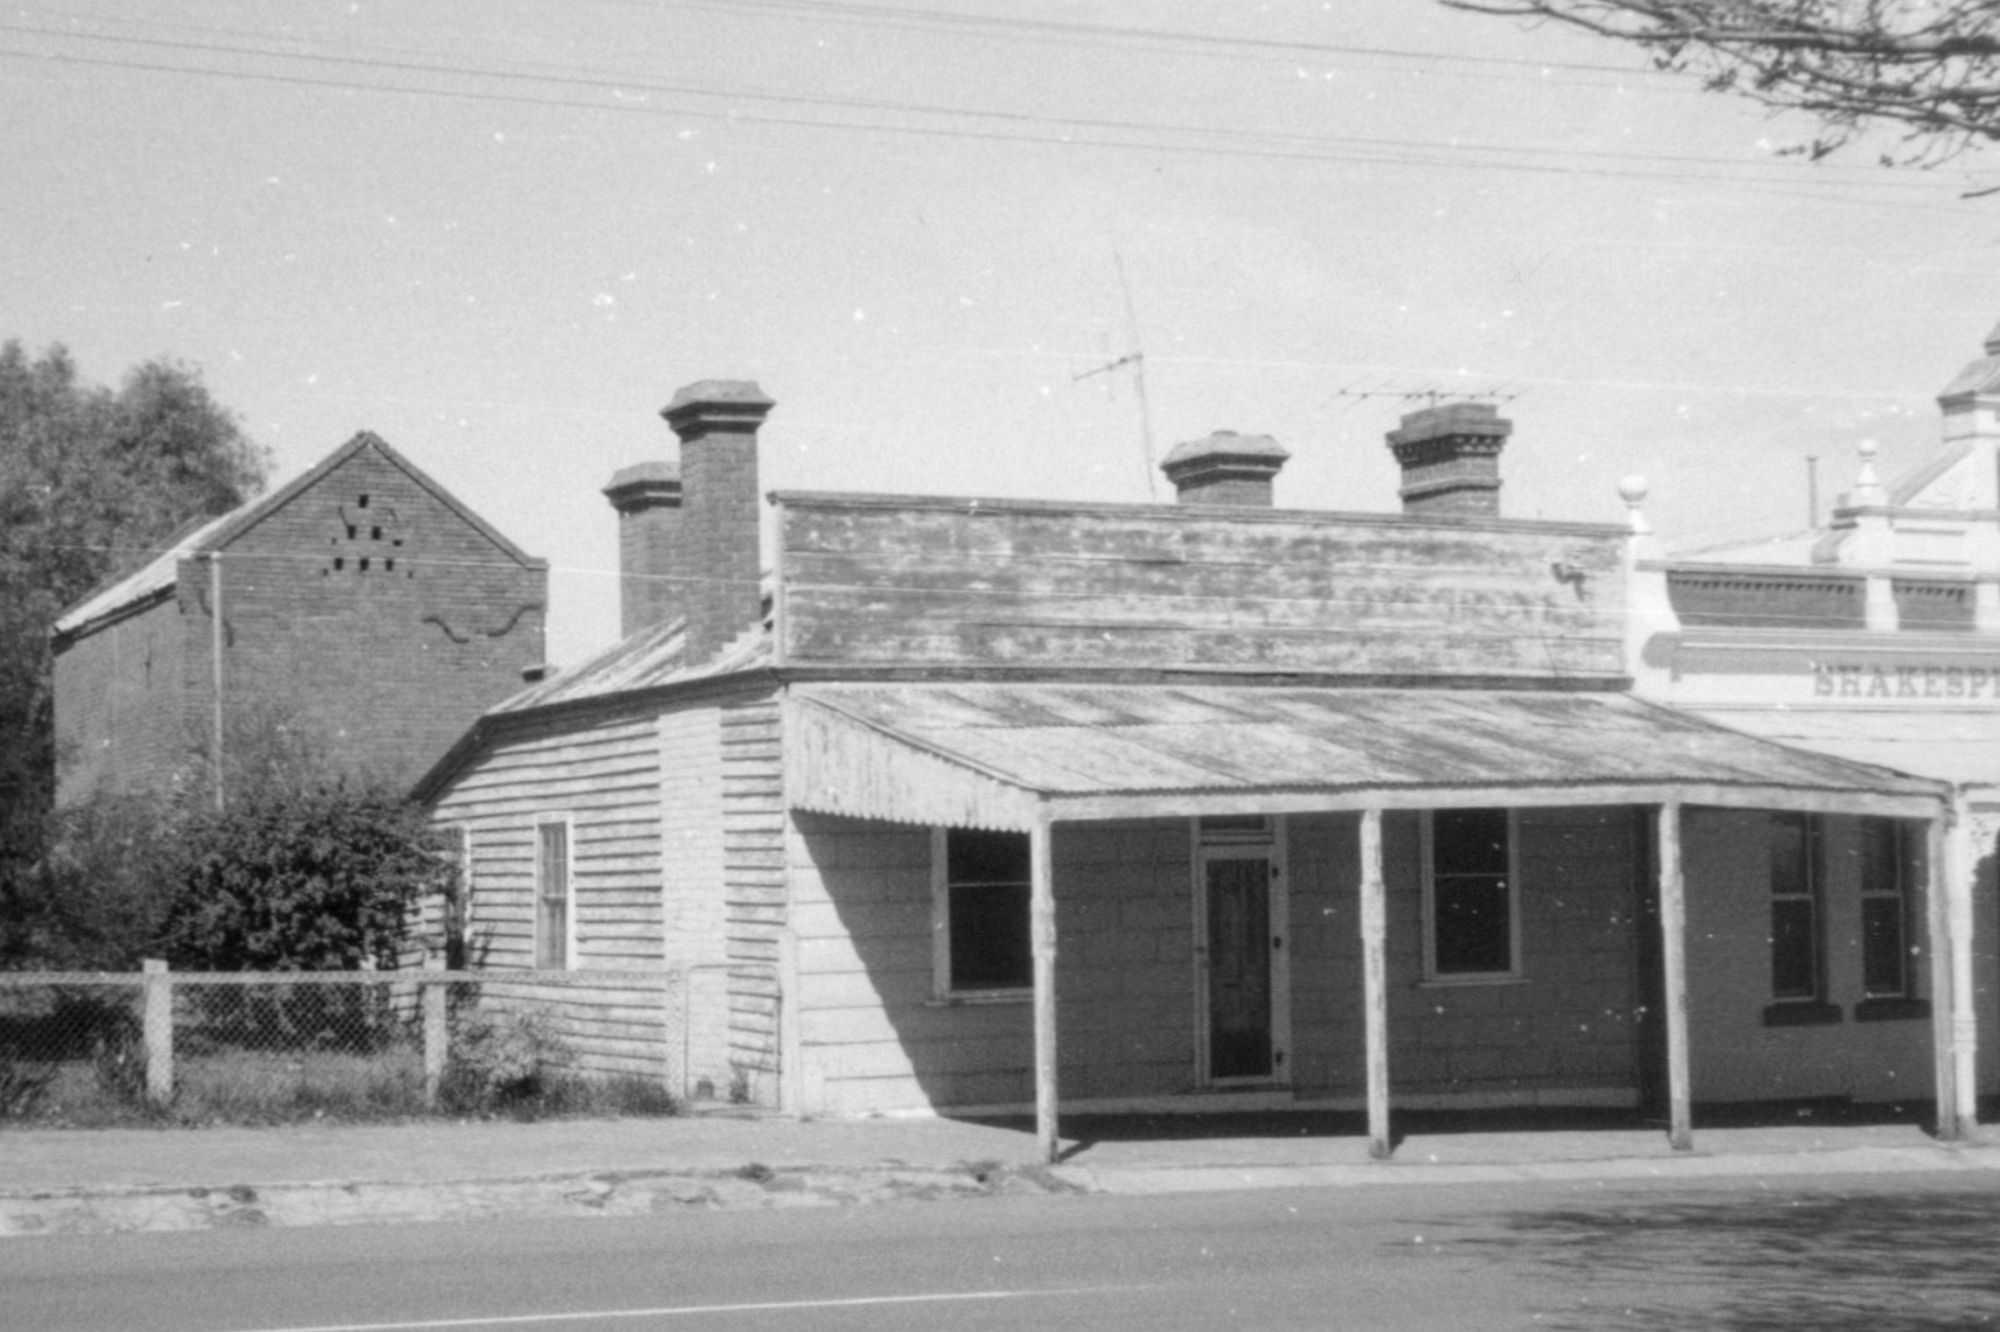 Farr's Building, c1860